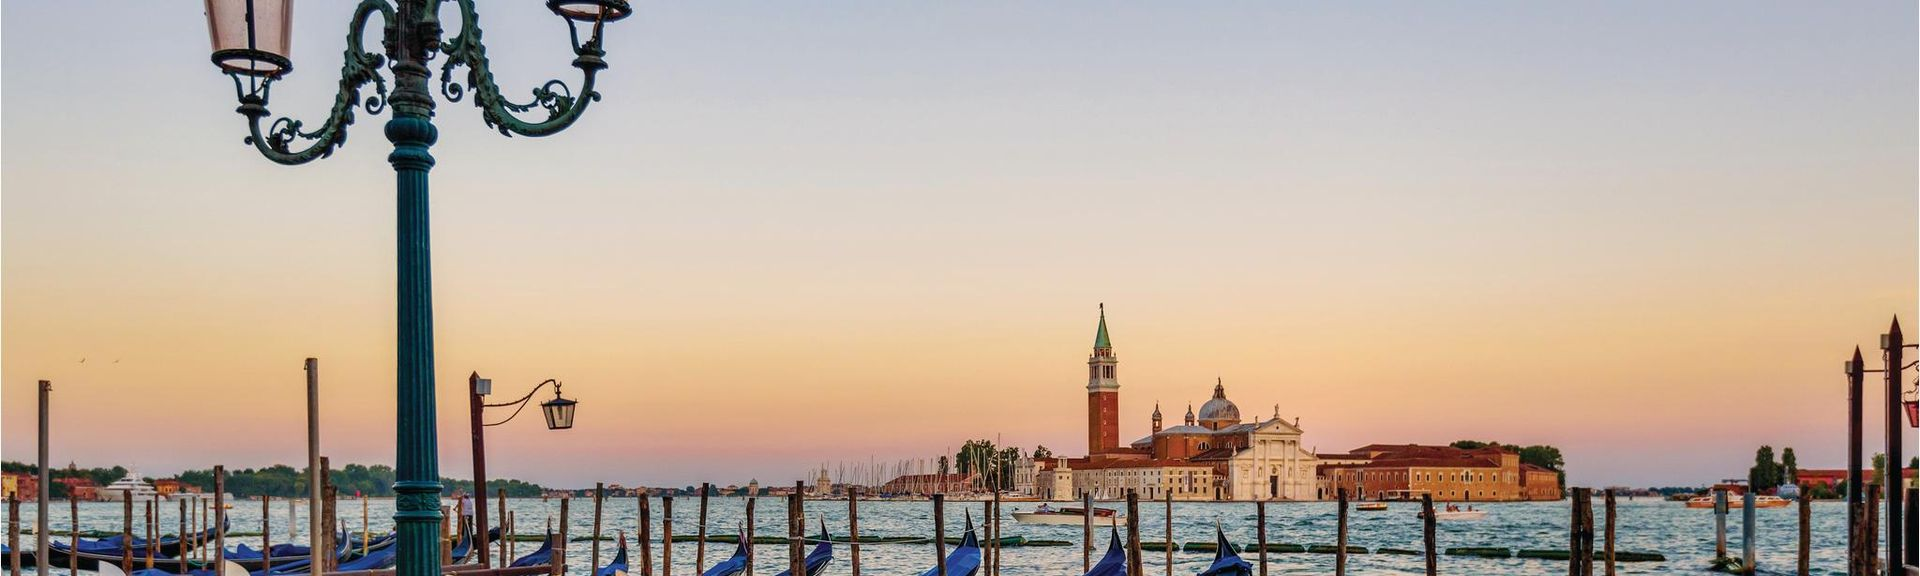 Cannaregio, Venice, Veneto, Italy